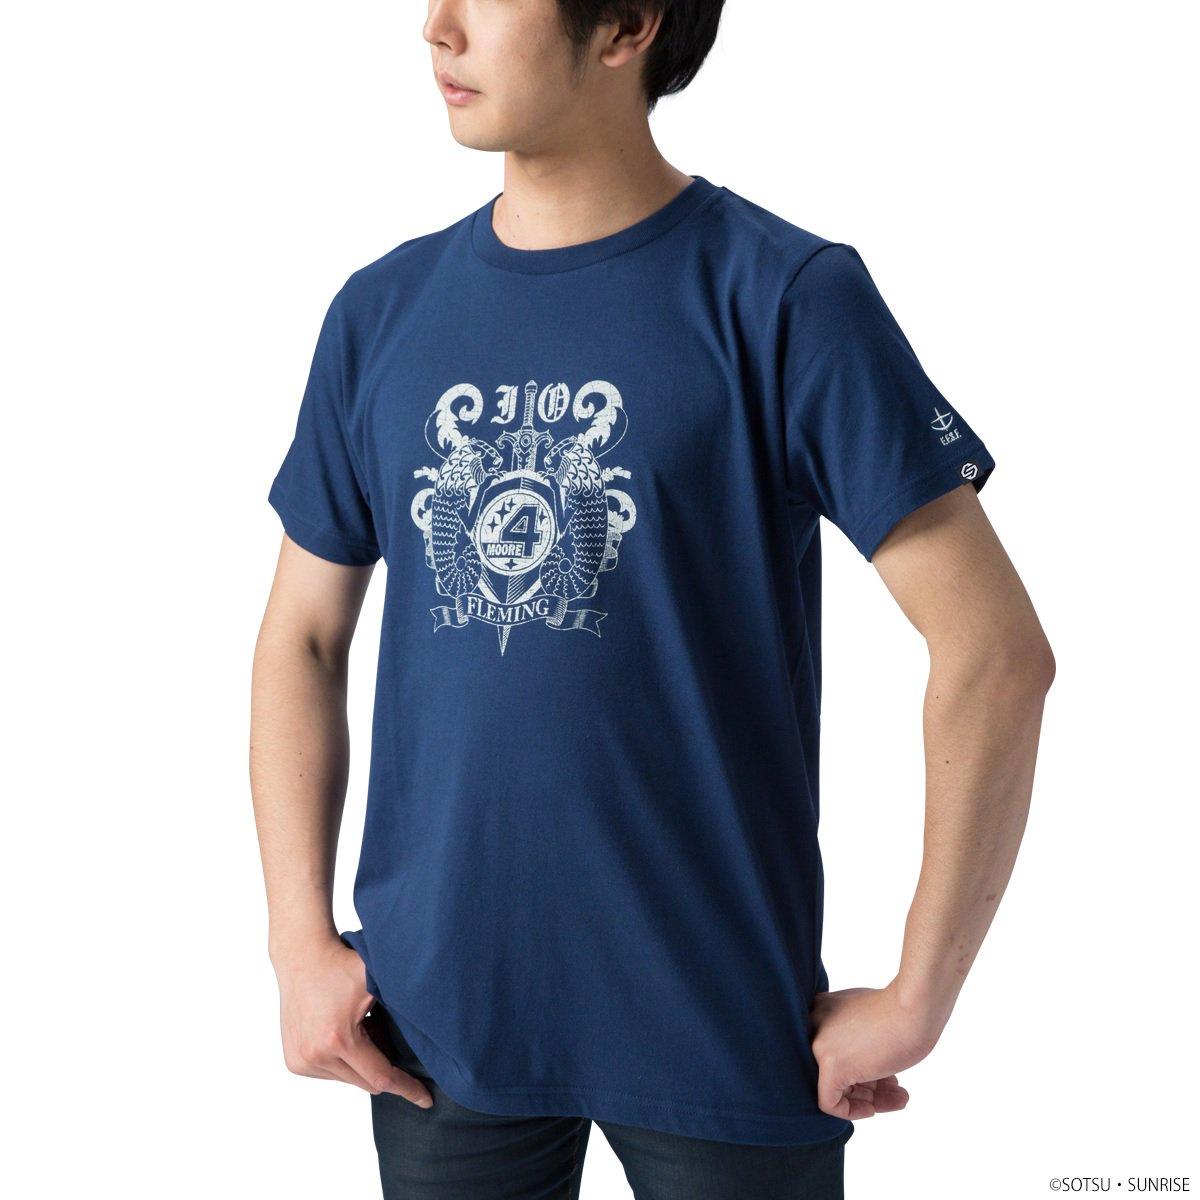 第2シーズンが好評配信中の「機動戦士ガンダム サンダーボルト」より、新柄Tシャツ2種、好評発売中!  #gundam